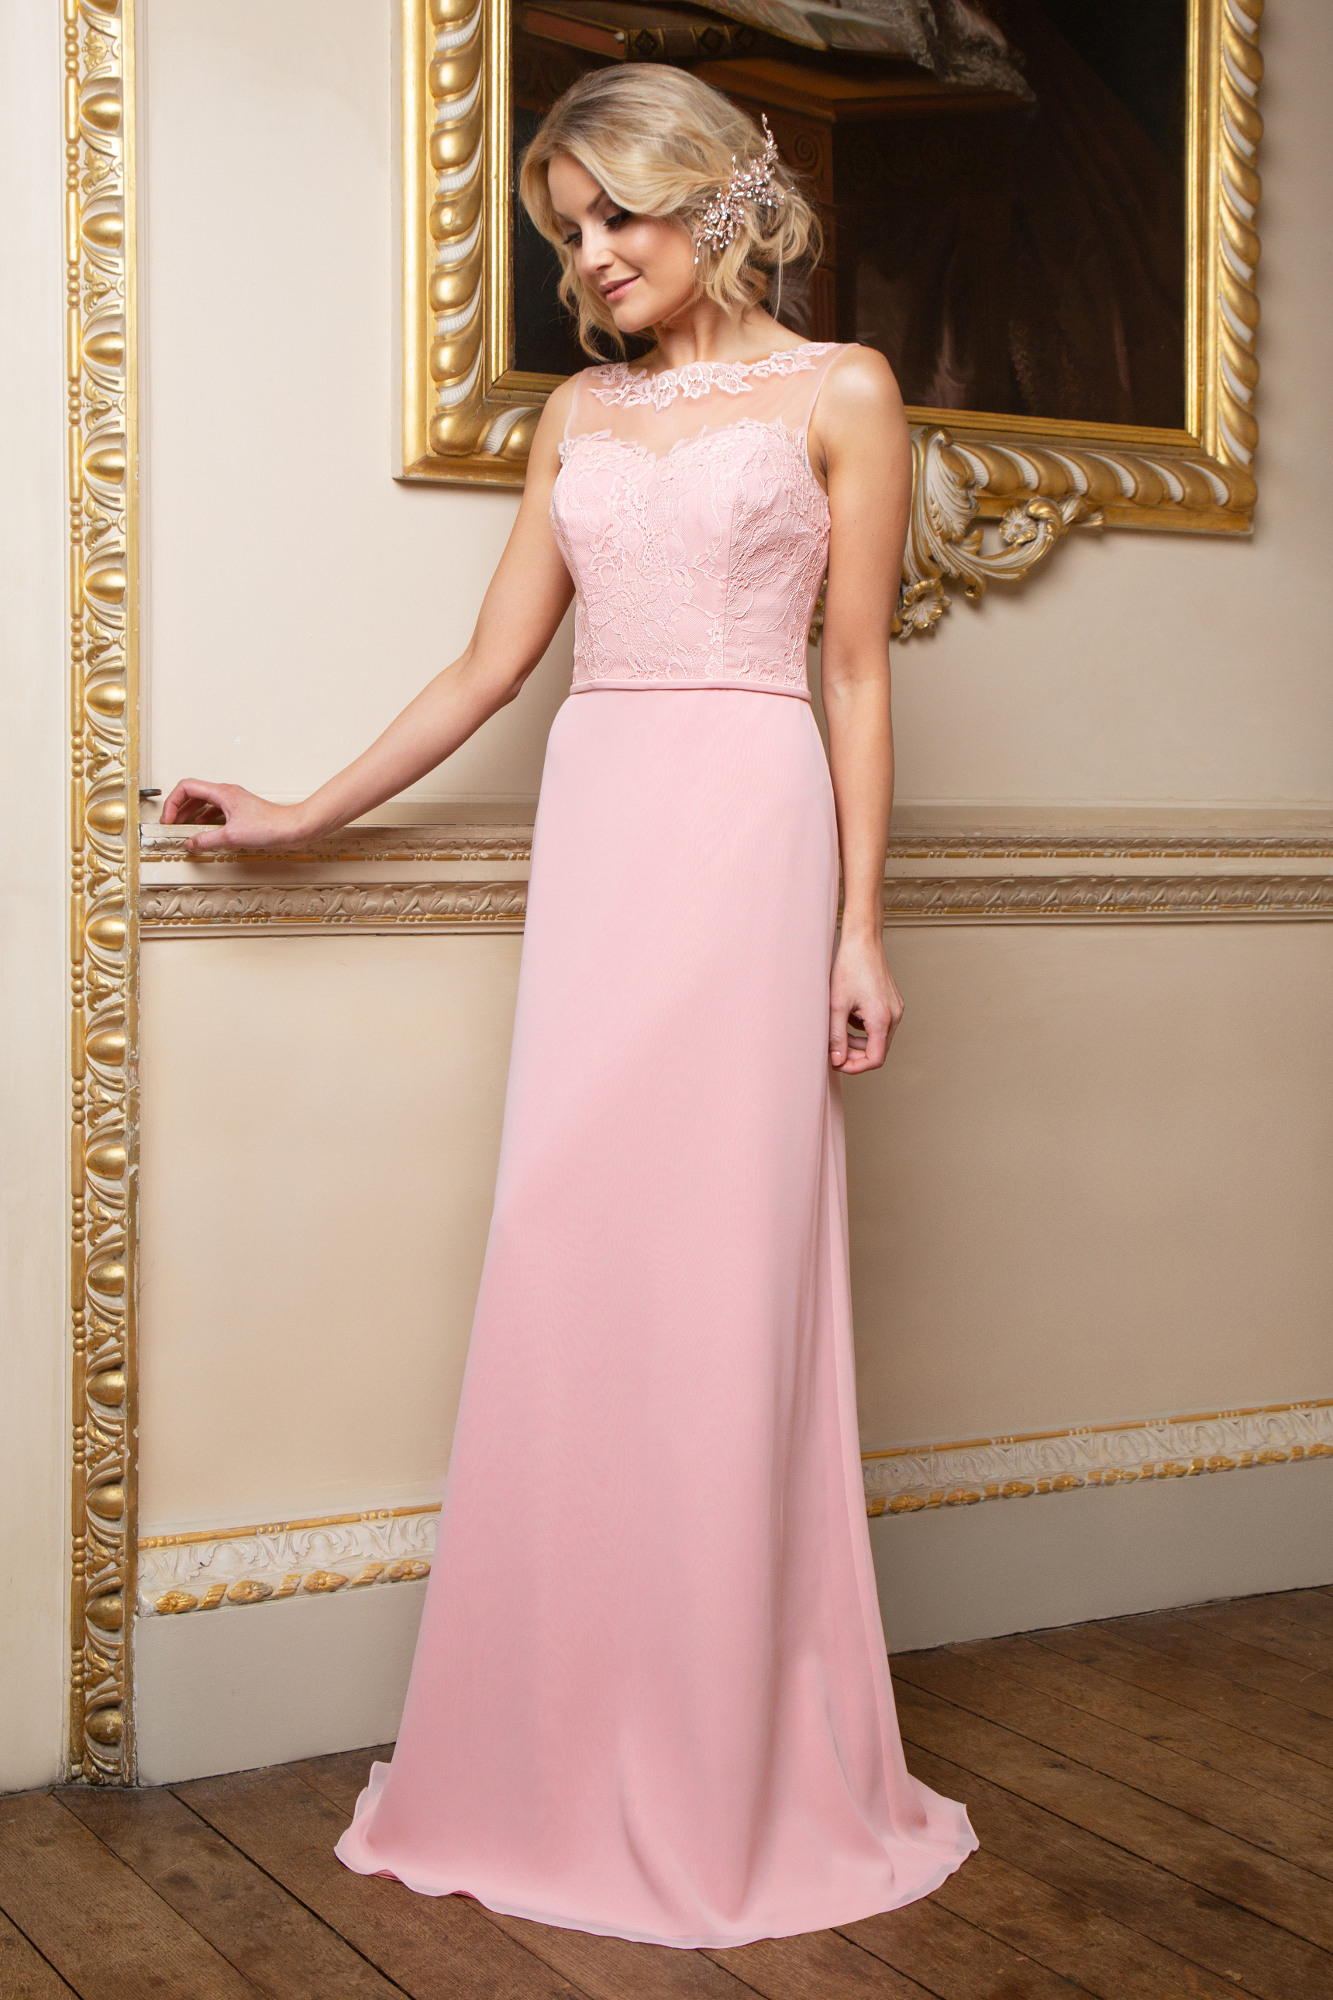 20 Genial Abend Kleid Lang Rosa Ärmel15 Luxus Abend Kleid Lang Rosa Bester Preis